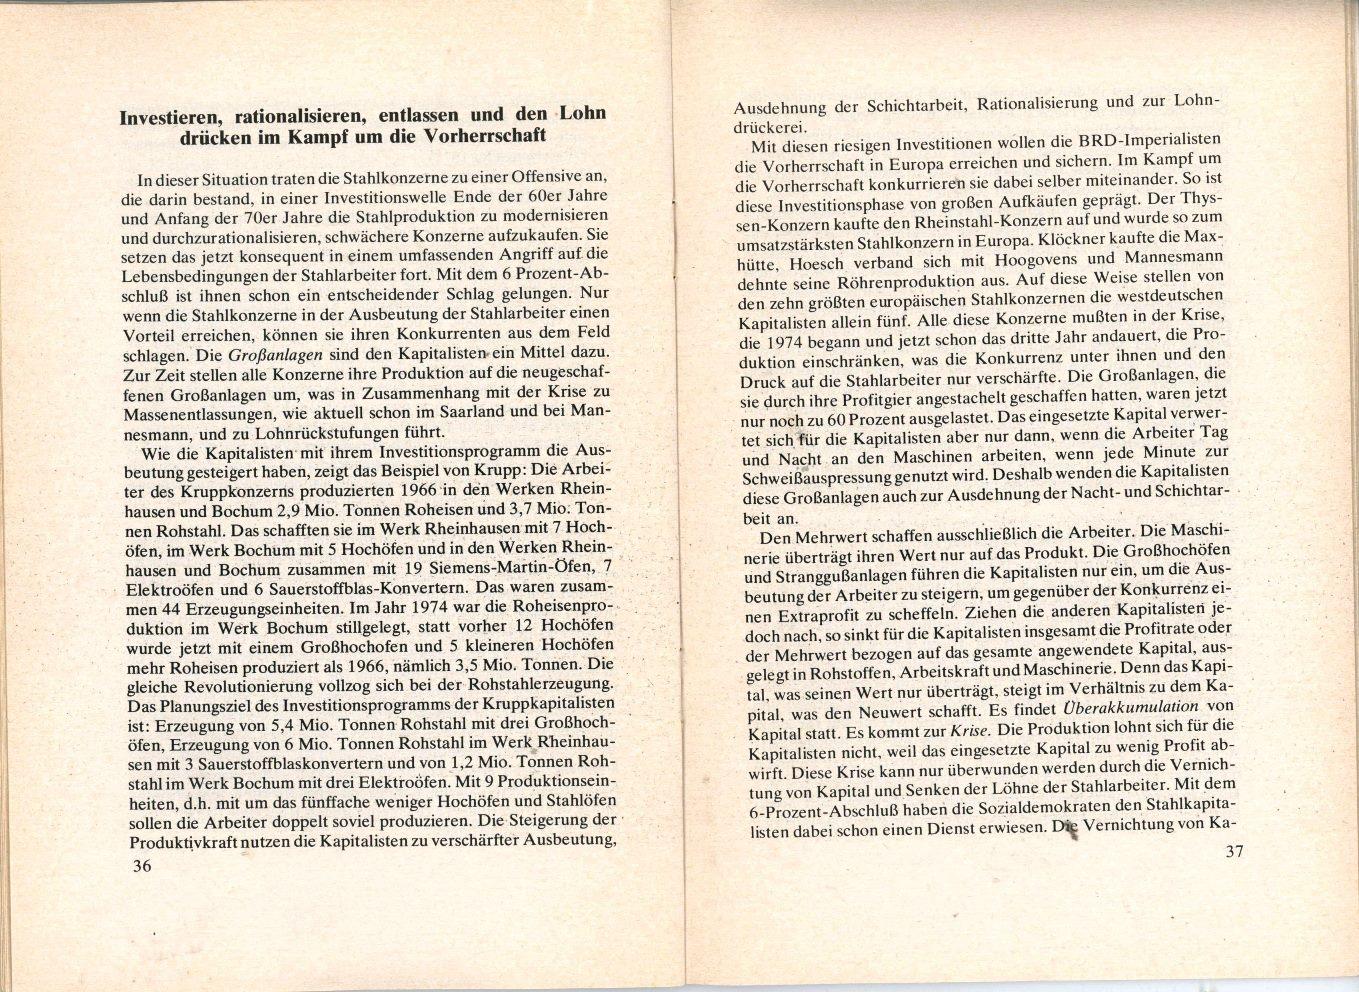 IGM_KBW_Krise_in_der_Stahlindustrie_1977_20